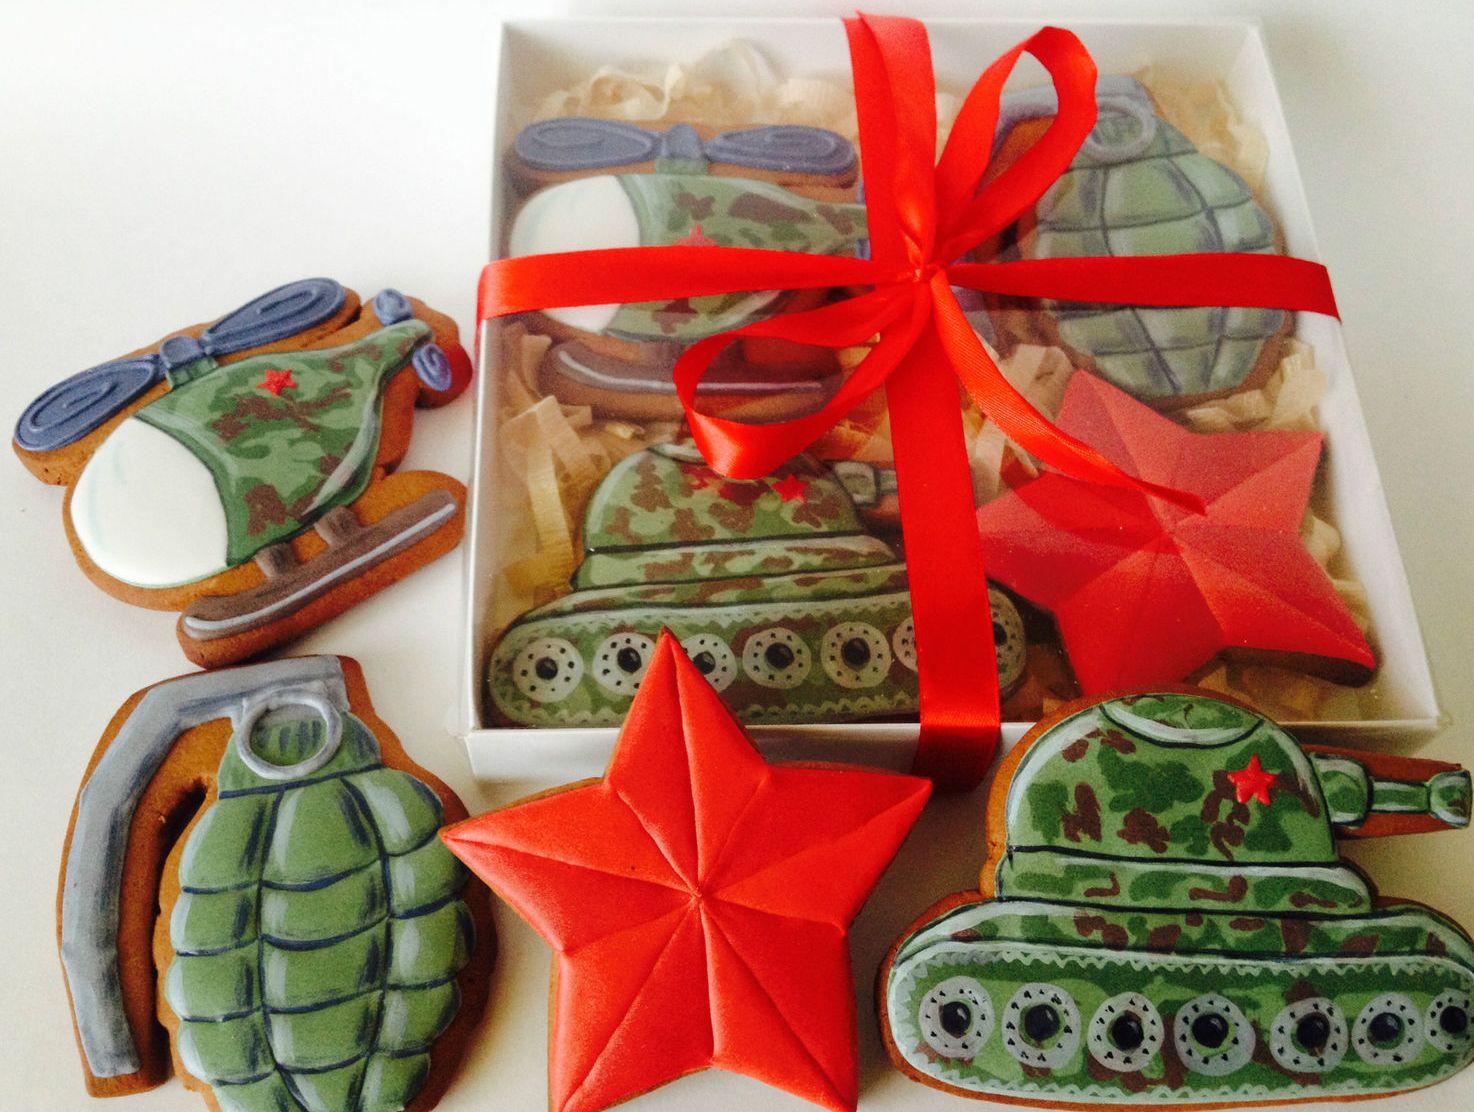 Подарки на 23 февраля своими руками печенье в виде военной техники